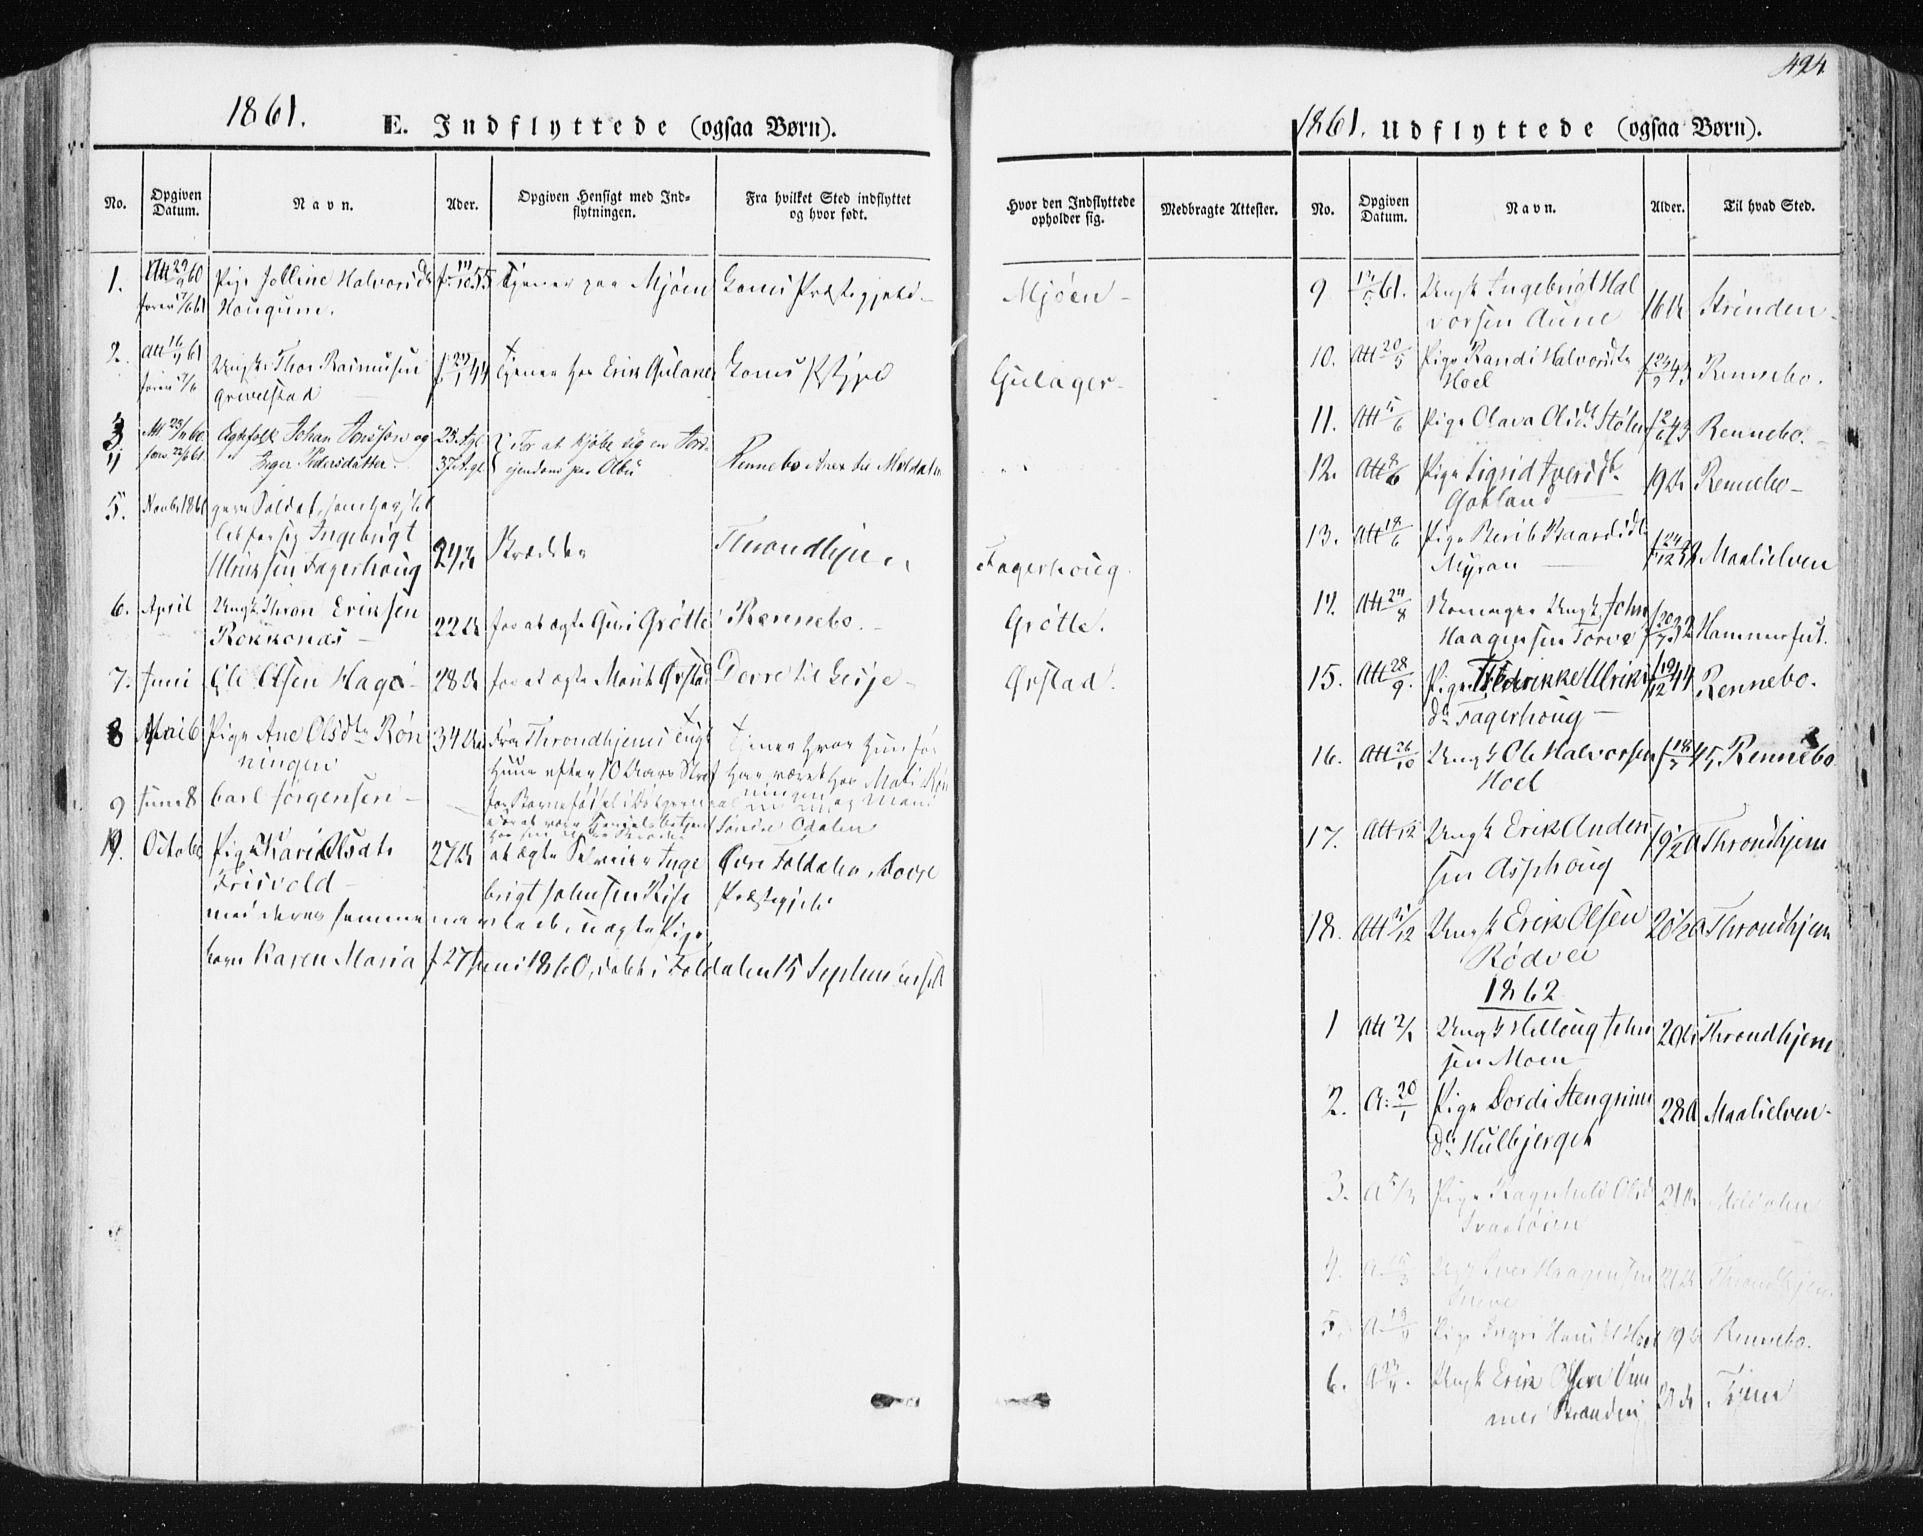 SAT, Ministerialprotokoller, klokkerbøker og fødselsregistre - Sør-Trøndelag, 678/L0899: Ministerialbok nr. 678A08, 1848-1872, s. 494